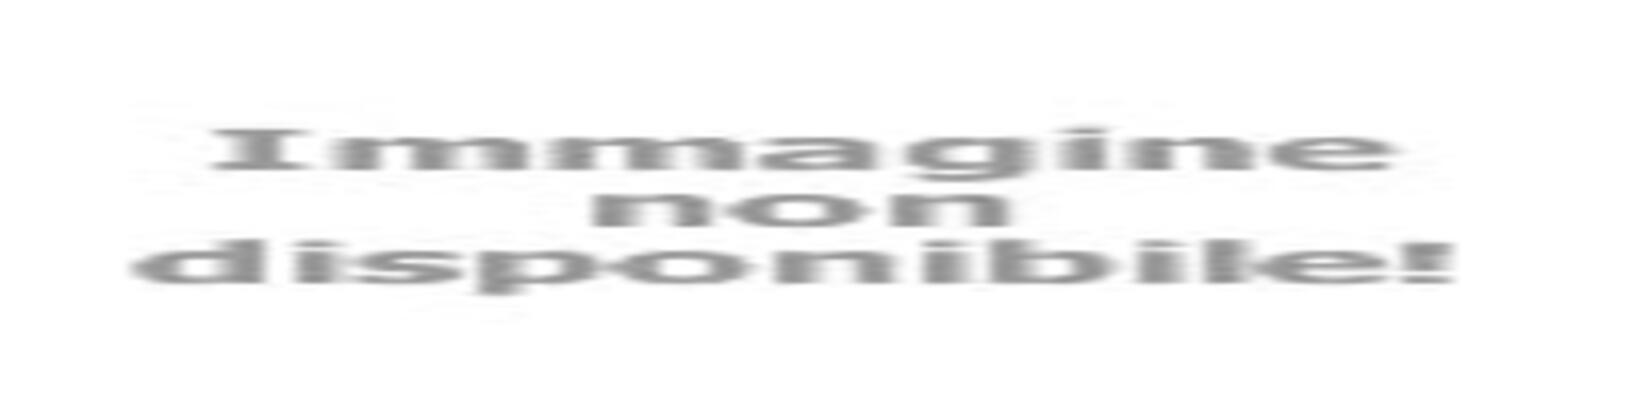 Maratona Internazionale di Ravenna